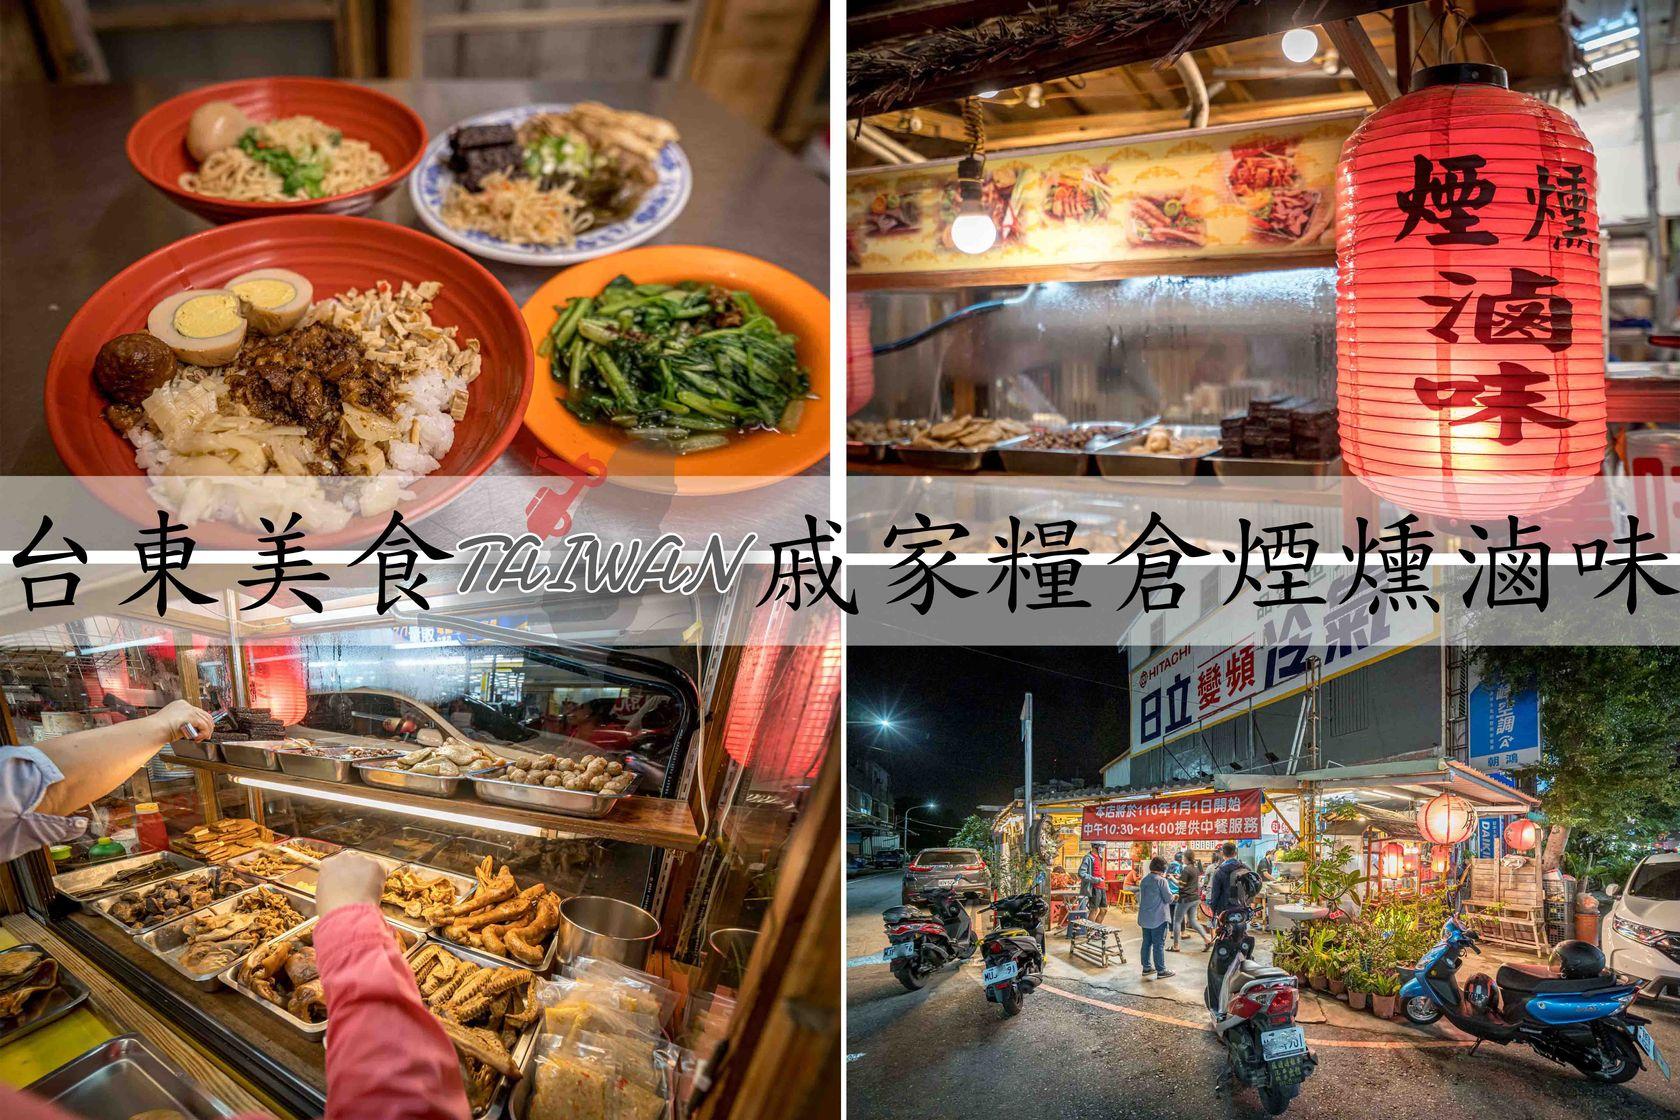 """『台東市區美食』在地人超激推滷味麵店,""""戚家糧倉煙燻滷味"""",煙燻飯、滷味超對味"""